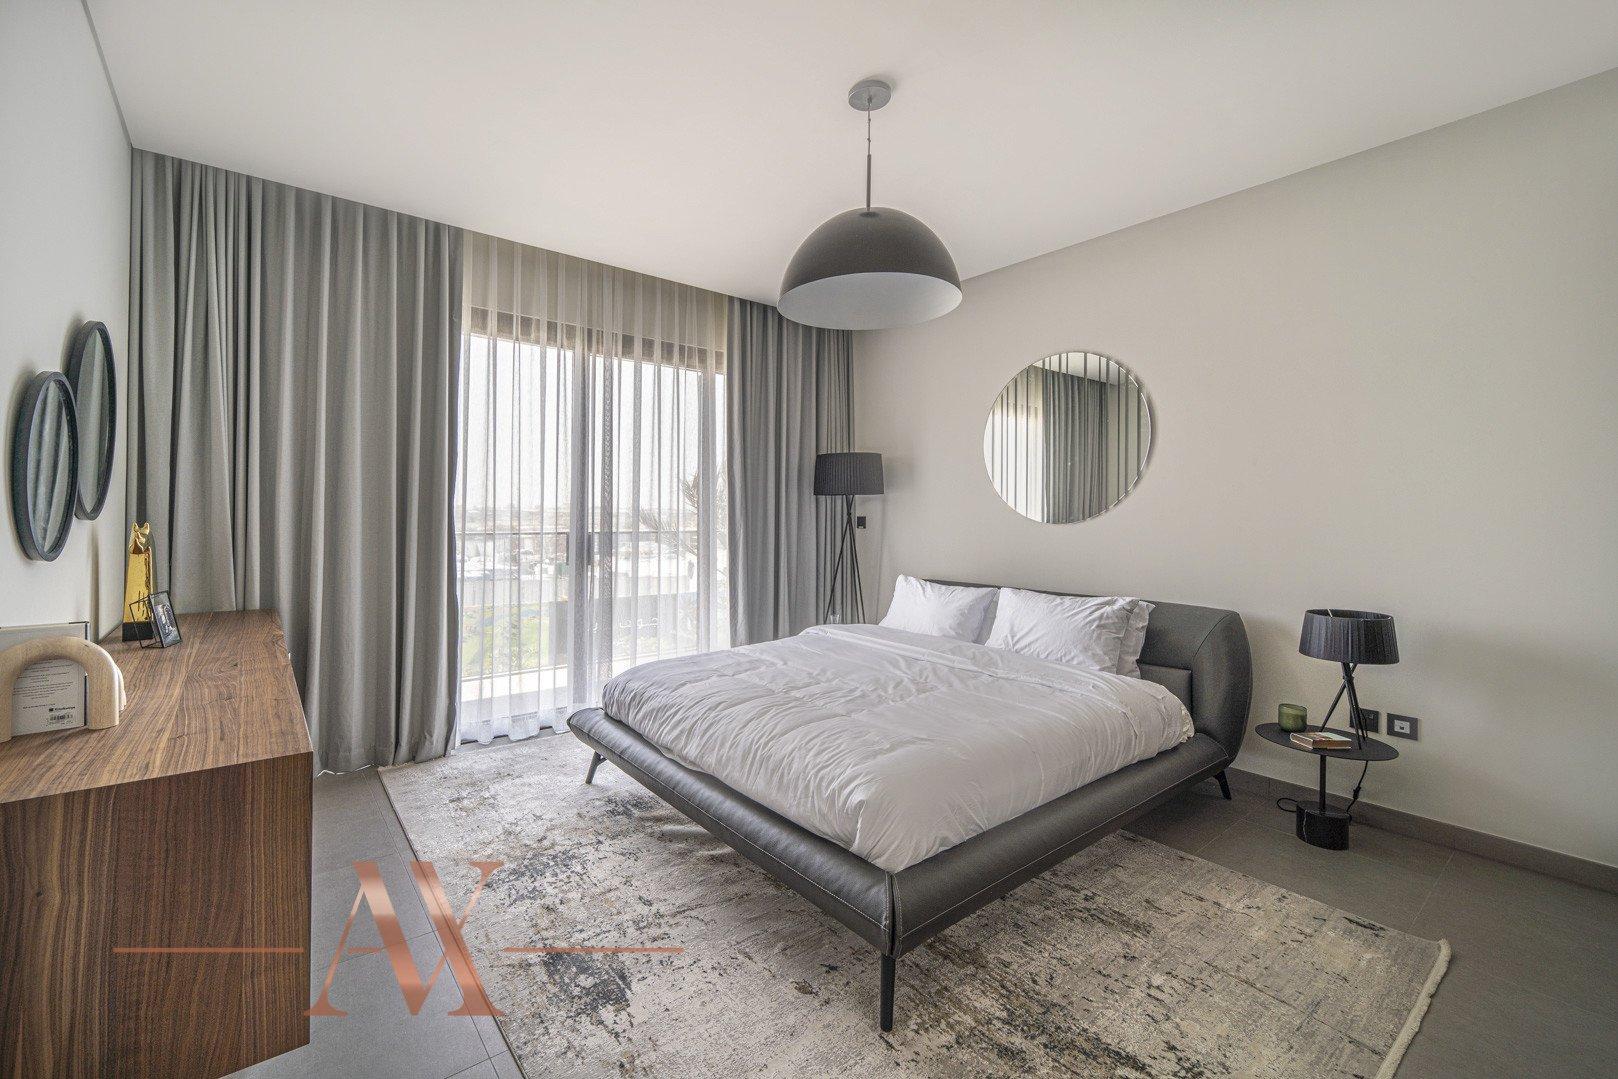 Villa en venta en Dubai, EAU, 4 dormitorios, 659.6 m2, № 23710 – foto 7